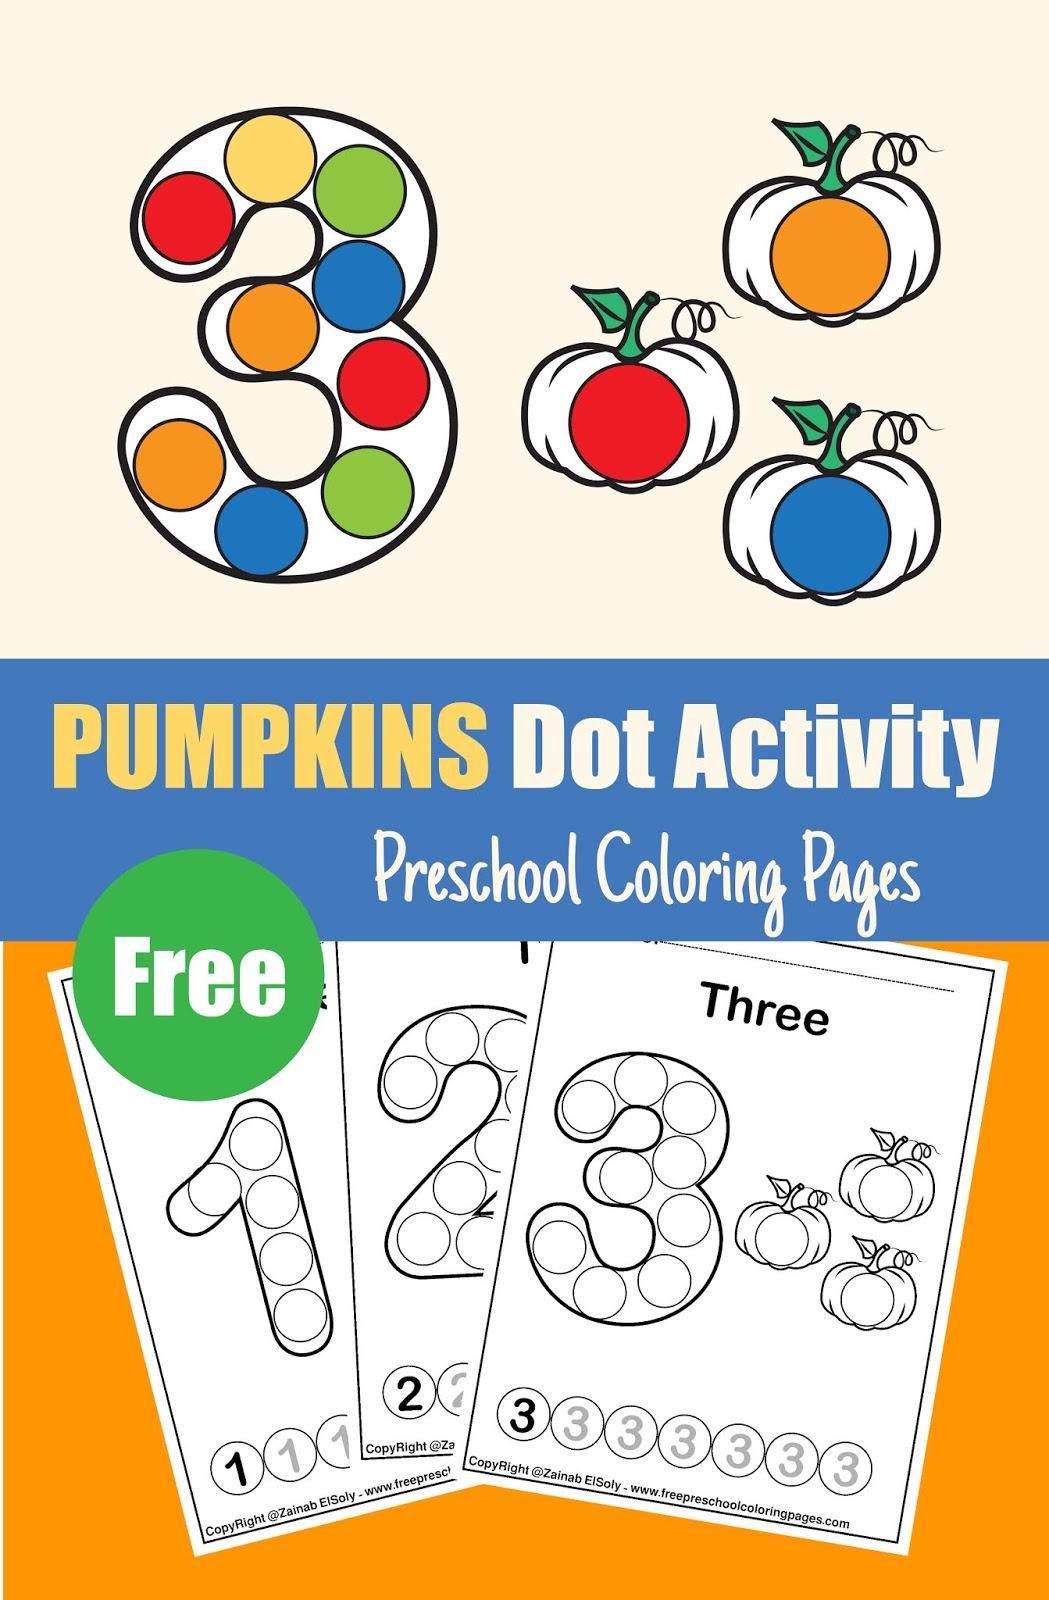 Pumpkins Dot Activity Free Preschool Coloring Sheets Fall